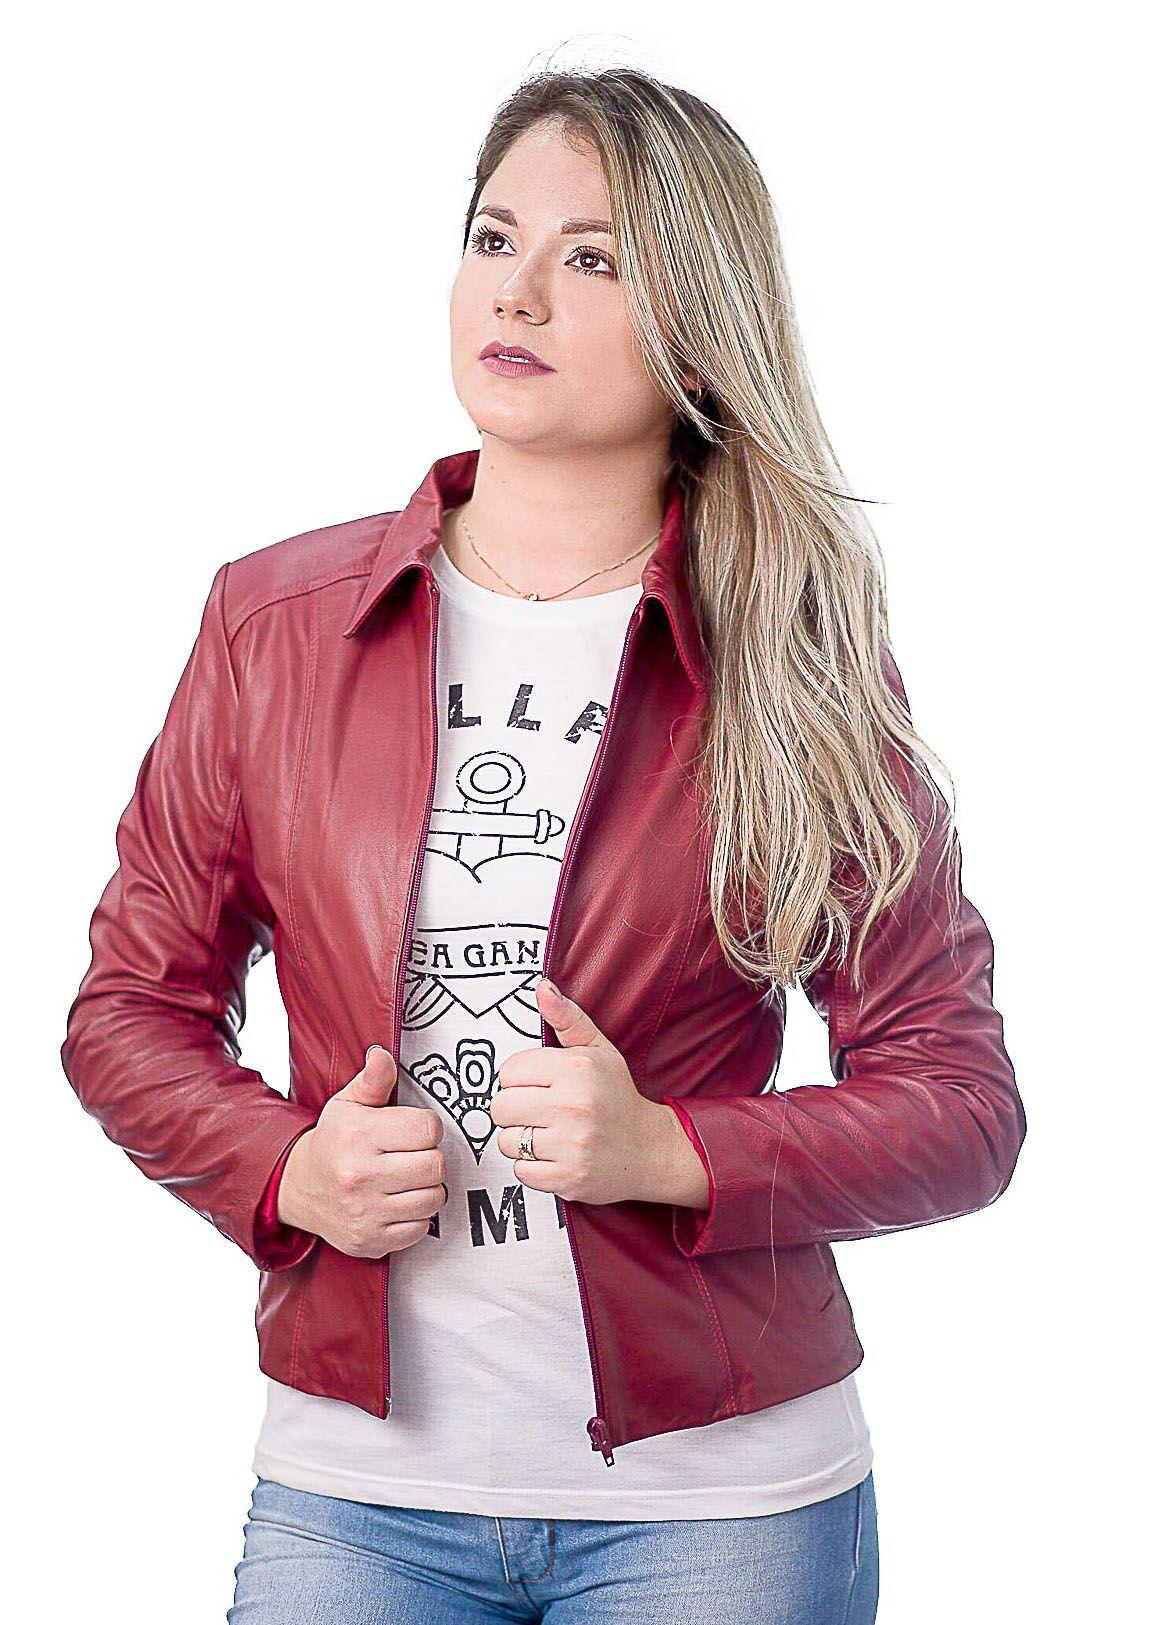 Jaqueta Feminina Prata Couro 101 Vermelha